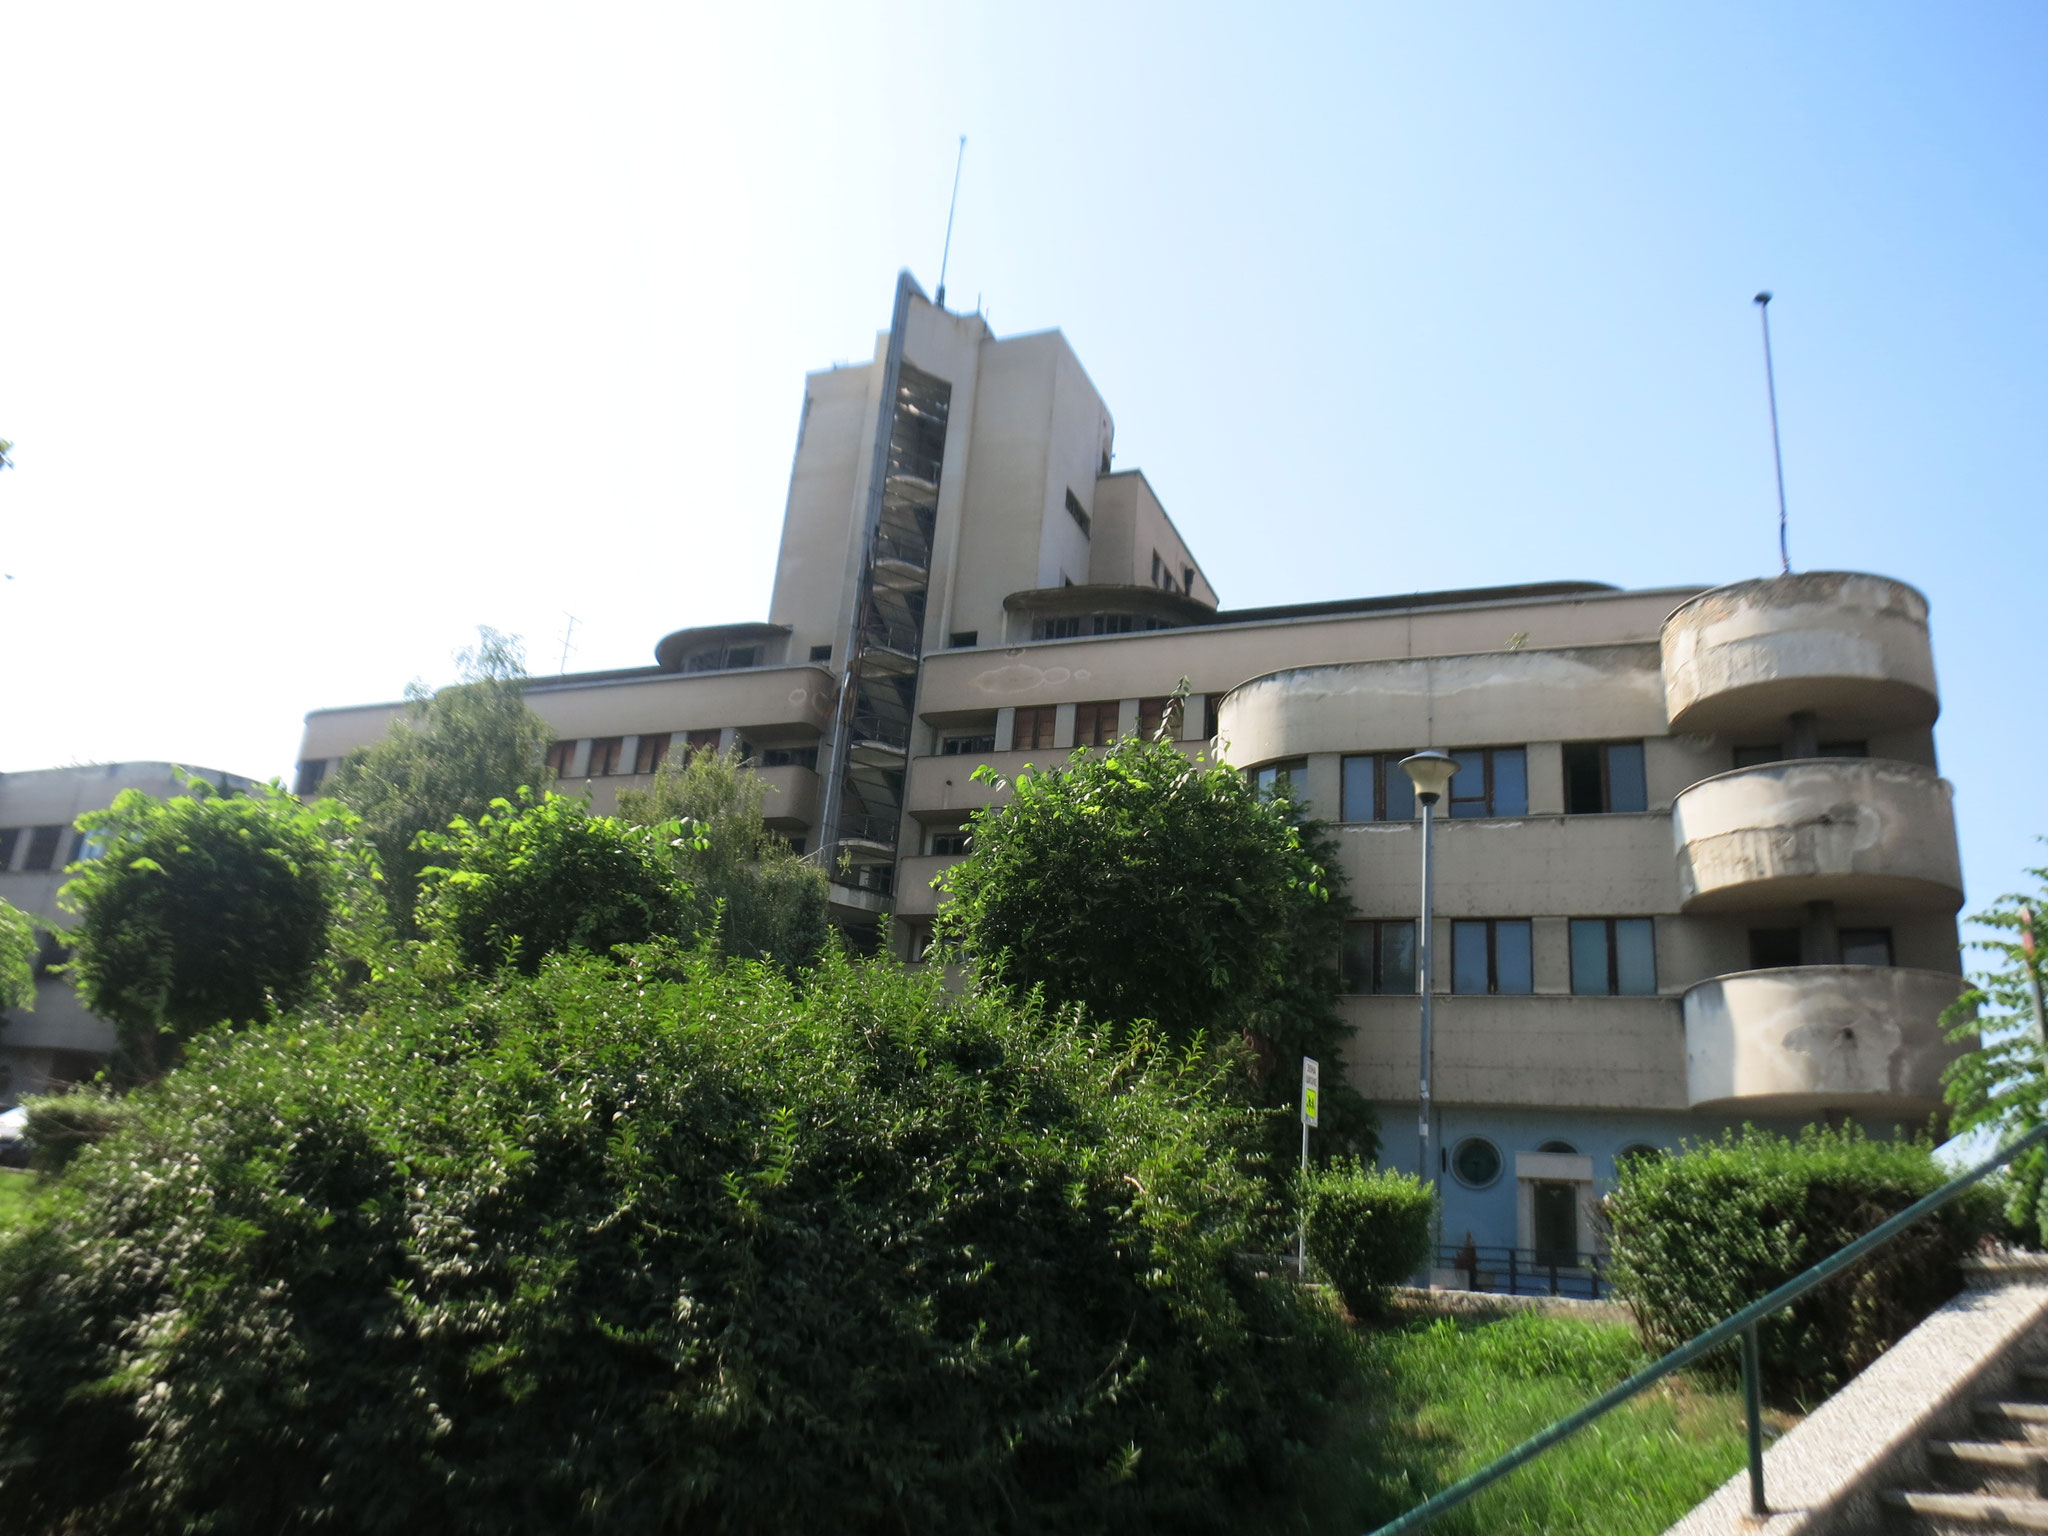 Ministerio de las Fuerzas Aereas (1935) obra cumbre del arquitecto D. Brasovan